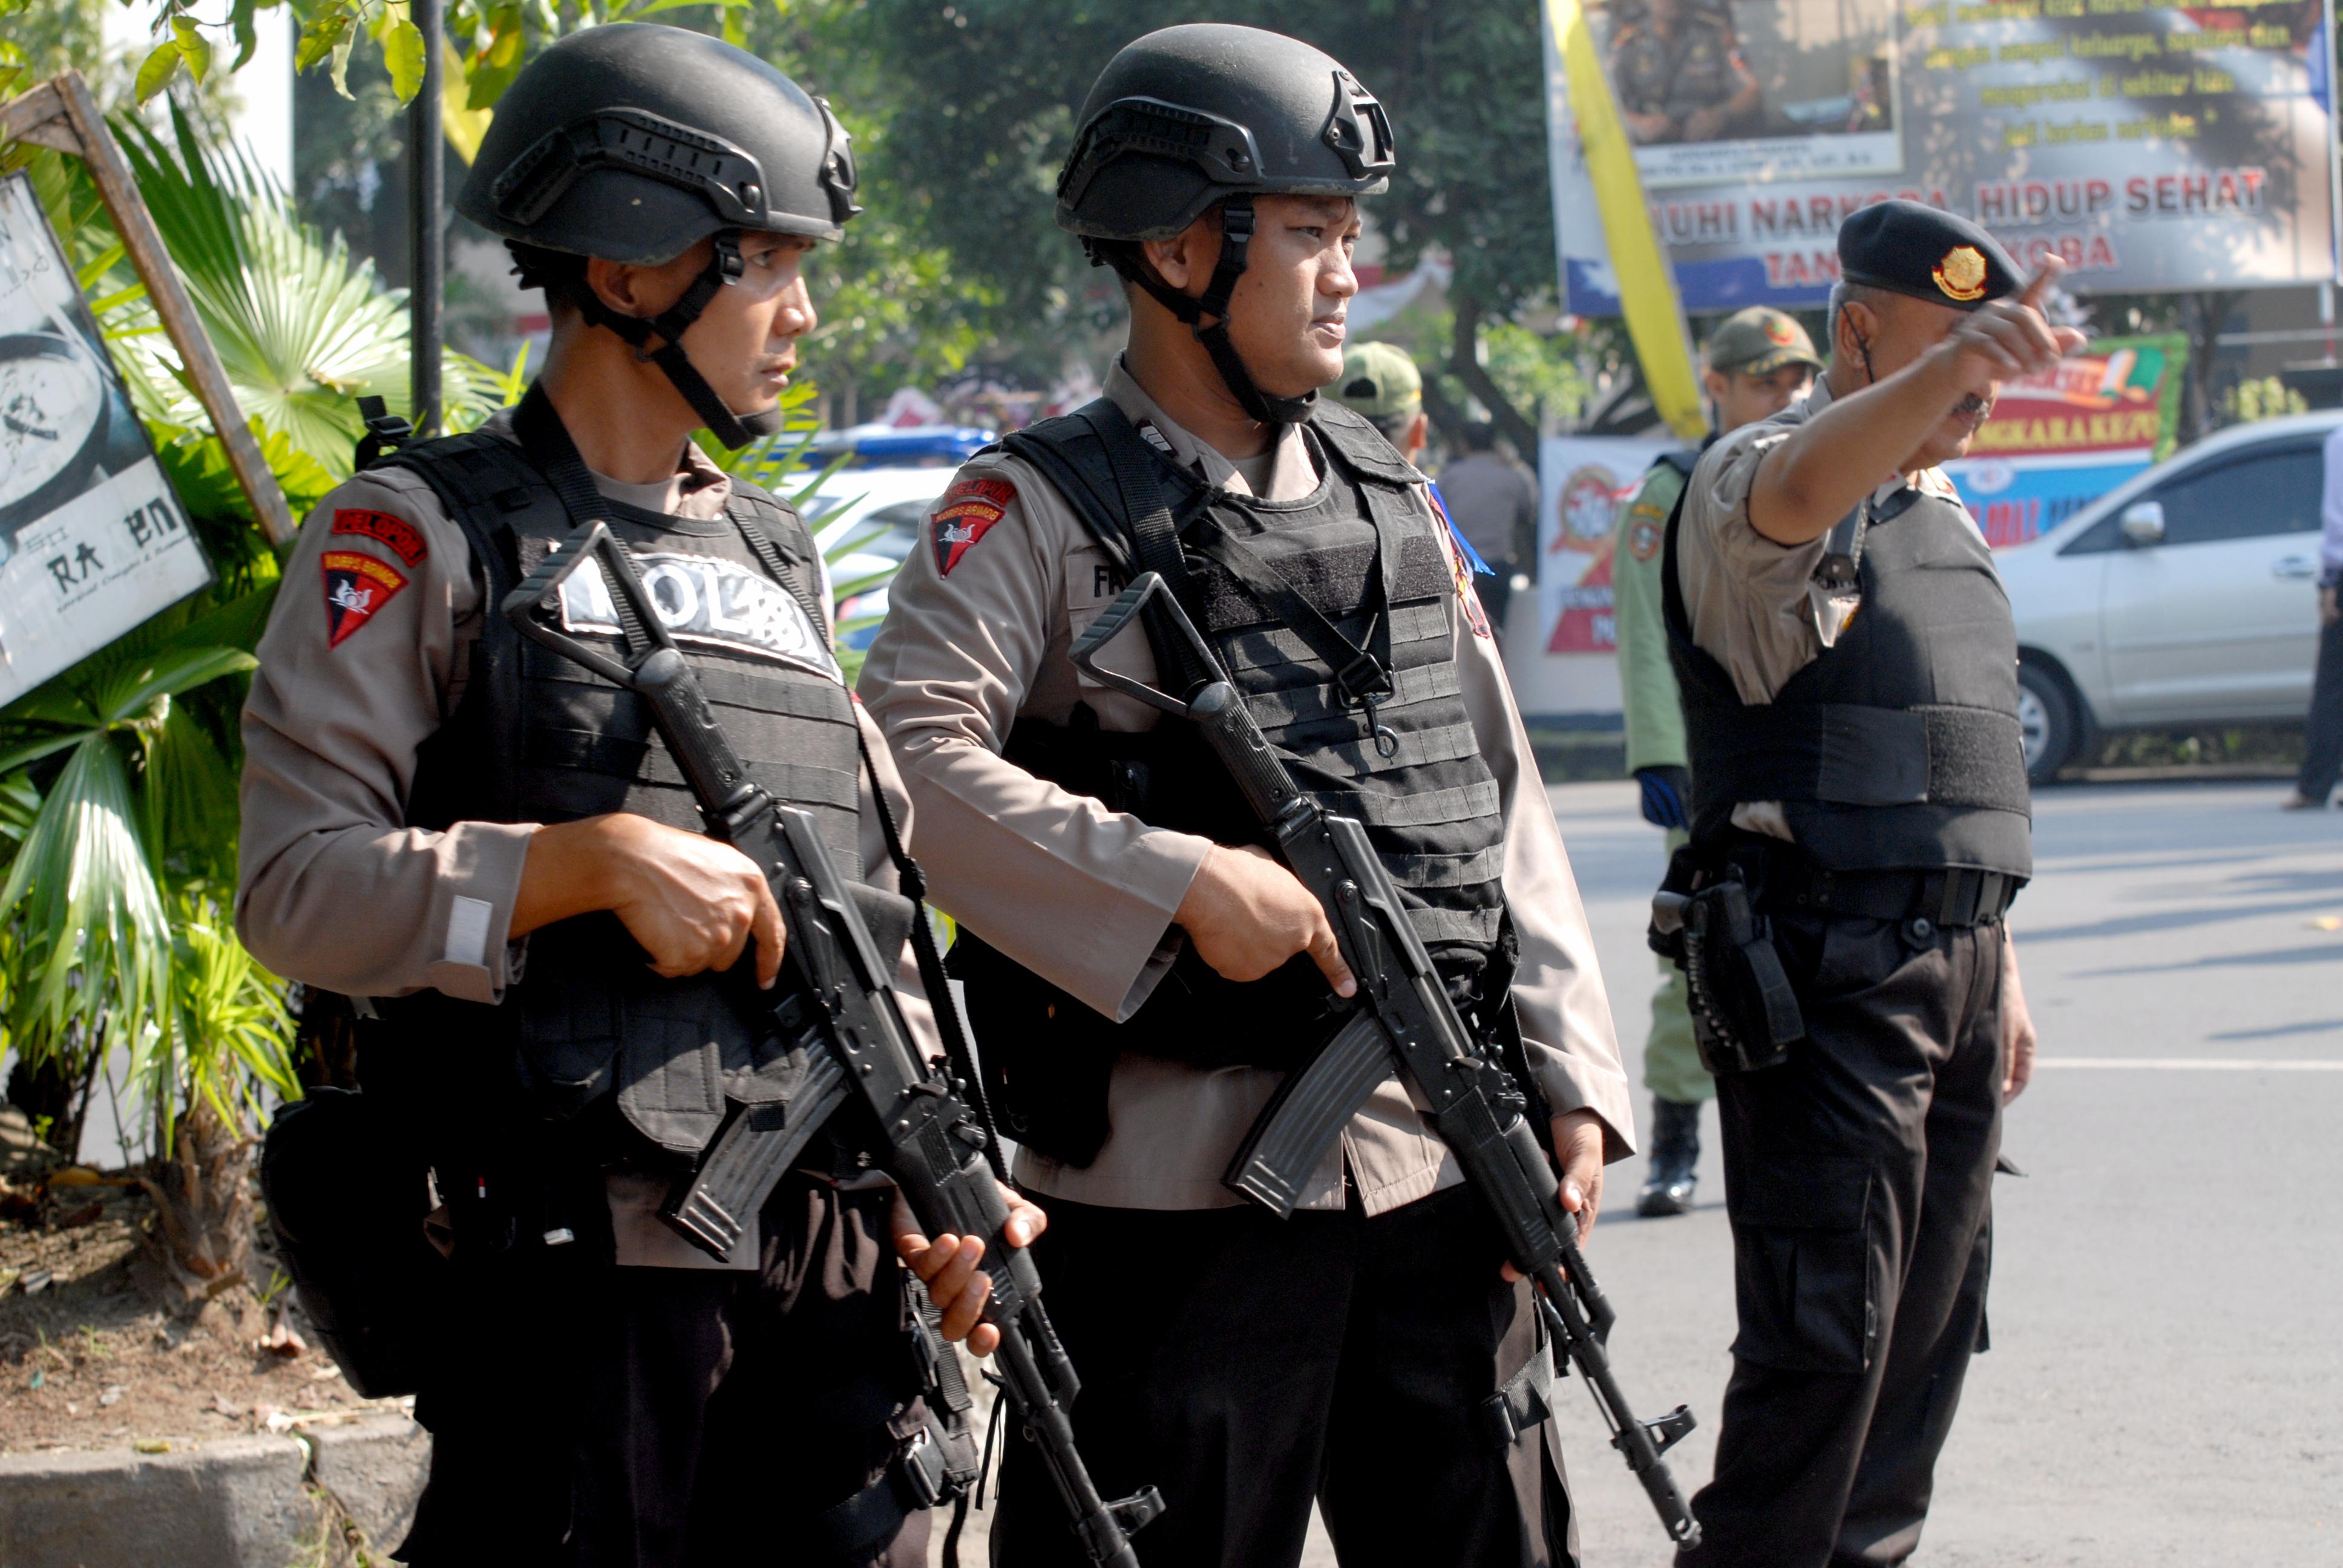 بايعا تنظيم داعش.. السجن لزوجين خططا لاغتيال وزير الأمن الإندونيسي   الحرة